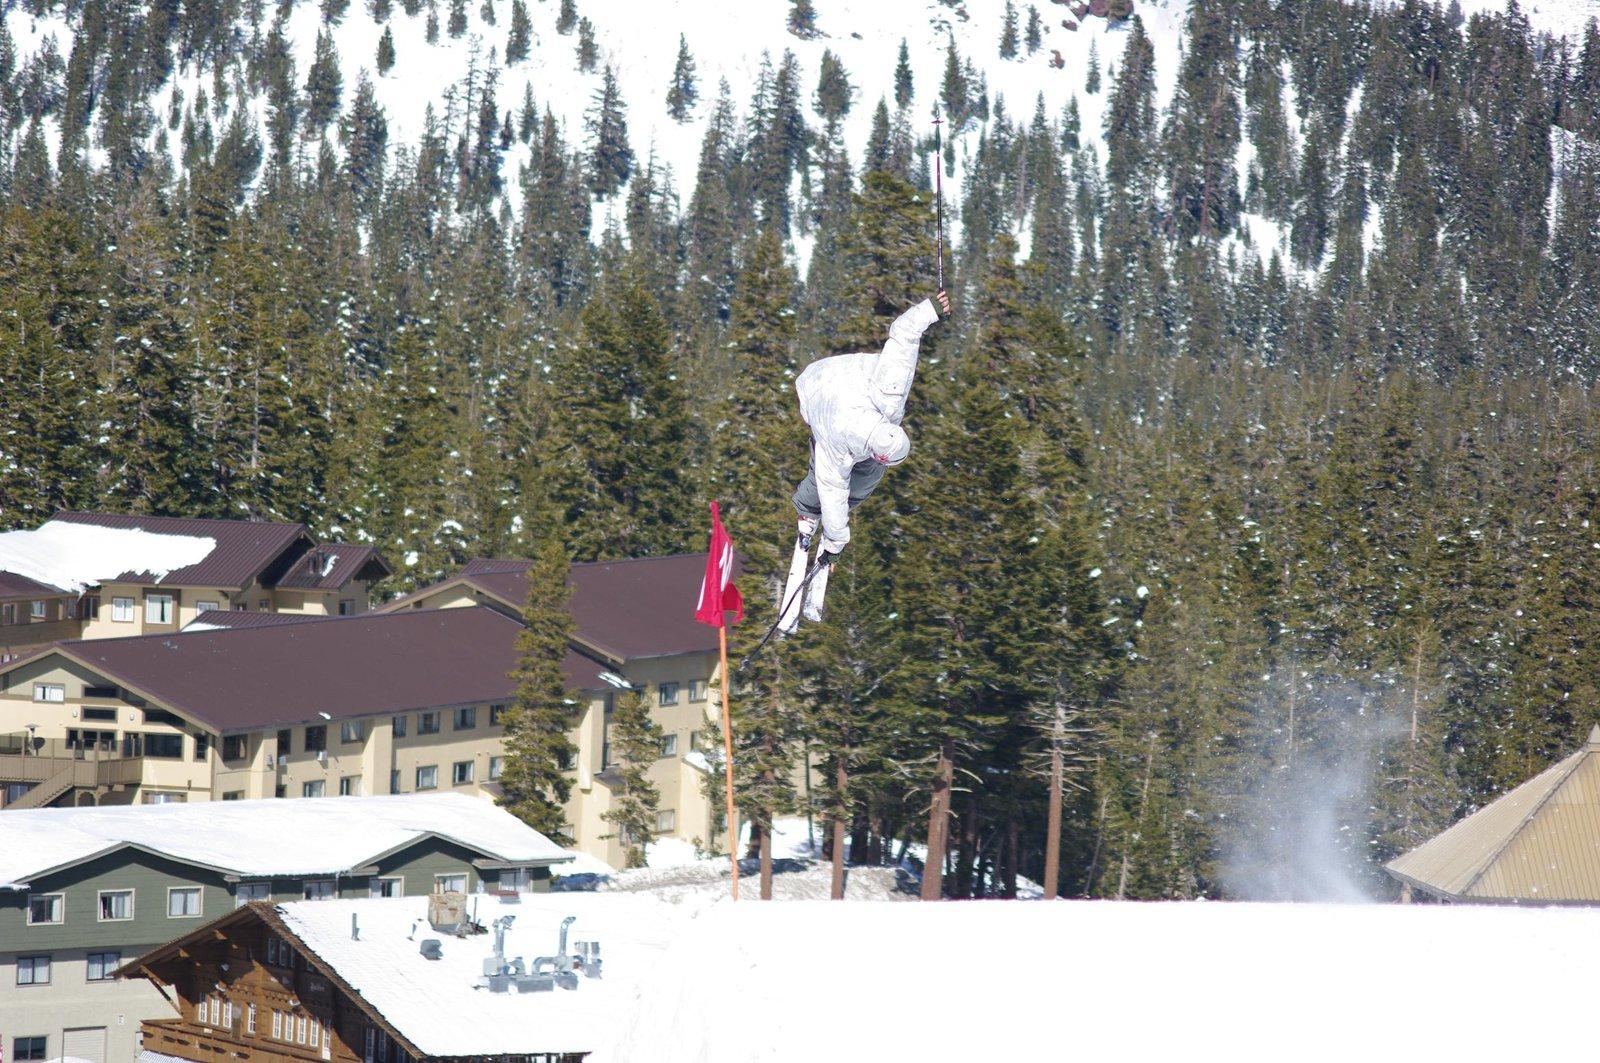 Skiiiiiing